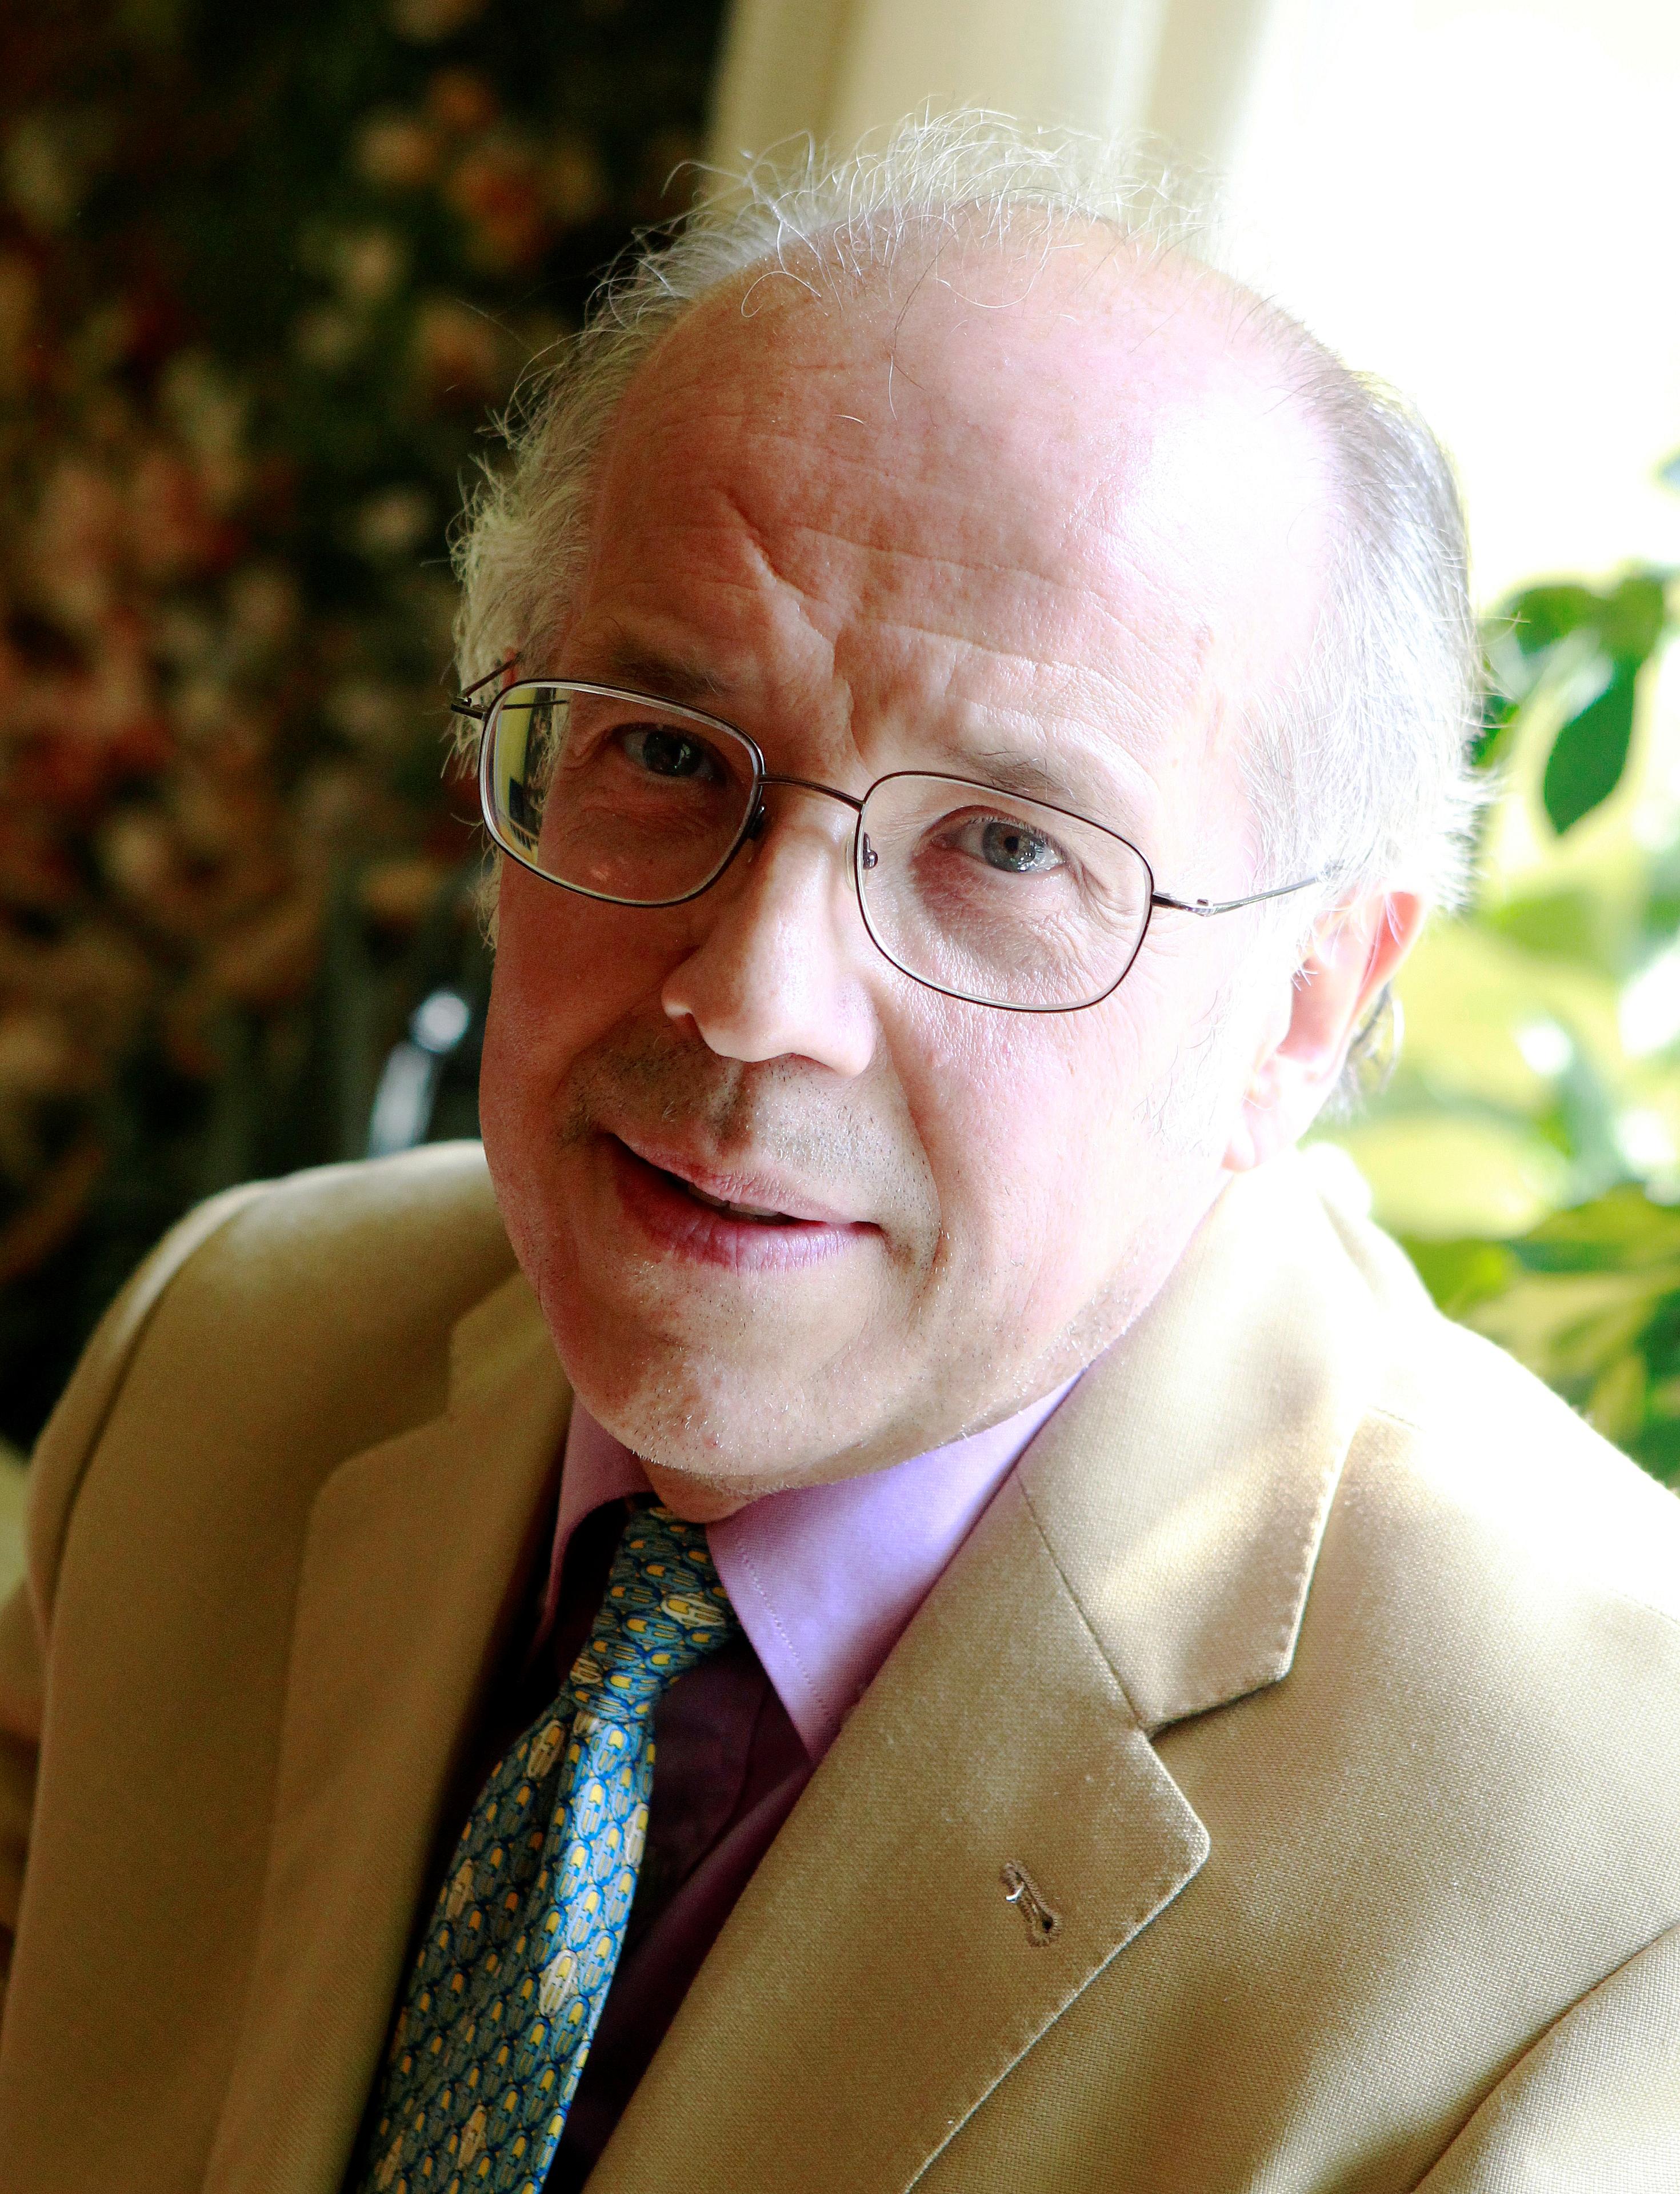 Manuel Hernández León